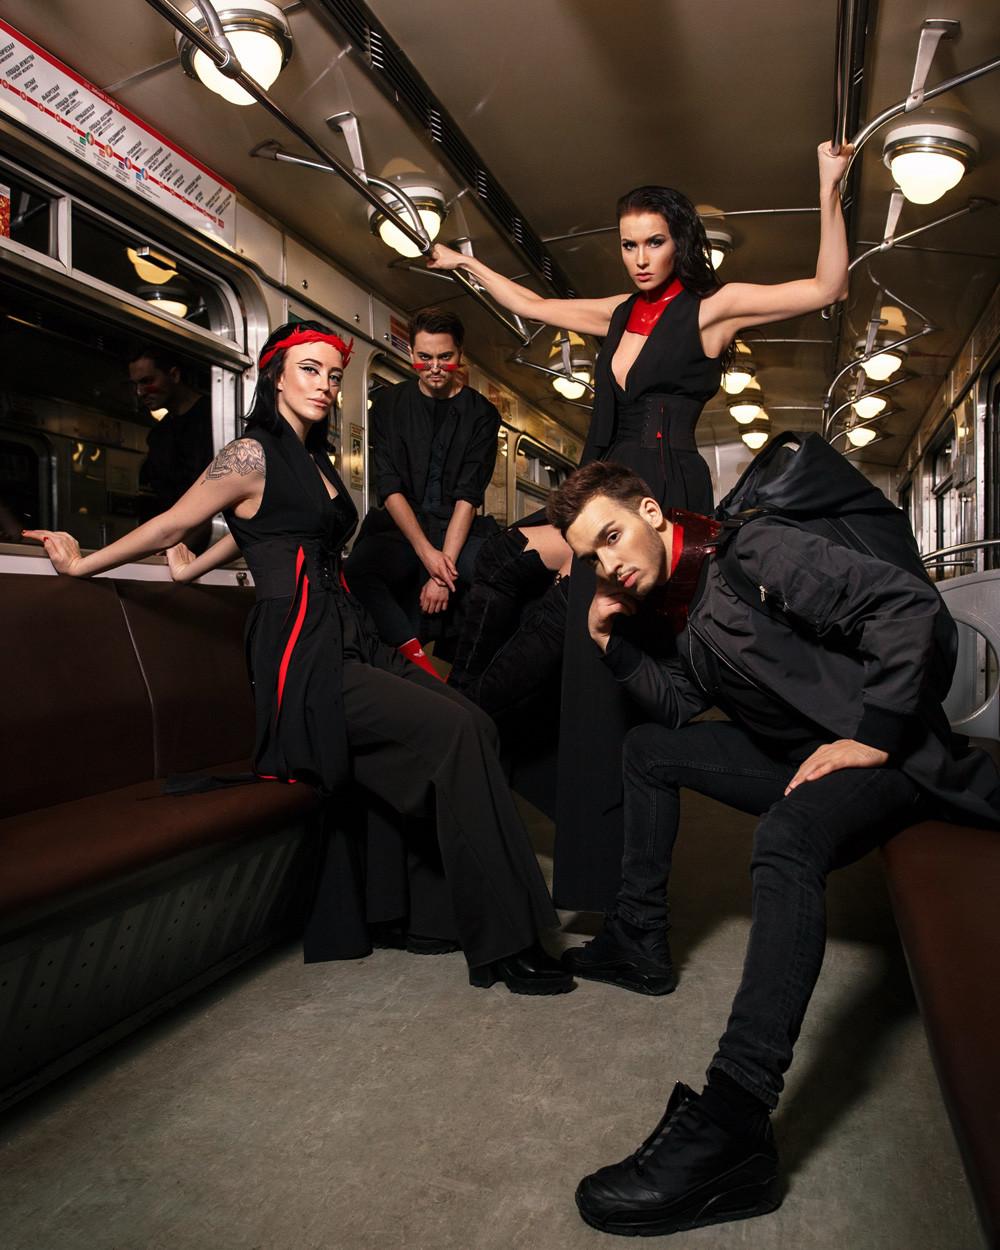 """Die Gruppe """"The House of Bonchinche"""" tanzt einfach überall gern. Natürlich auch im Untergrund!"""